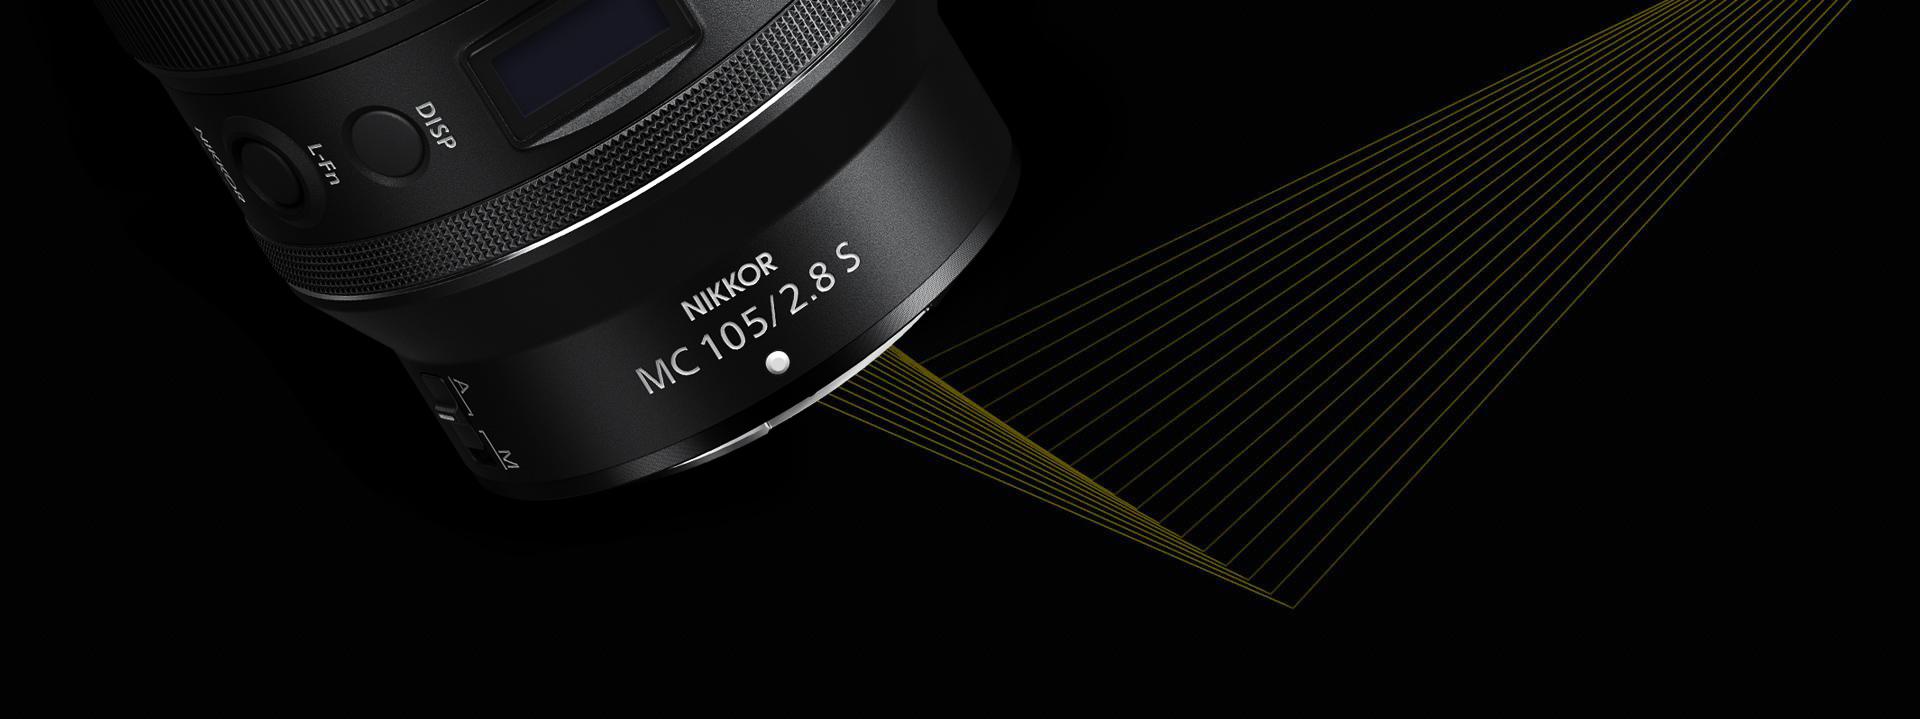 Nikon Nikkor Z MC 105mm F2.8 VR S objektív